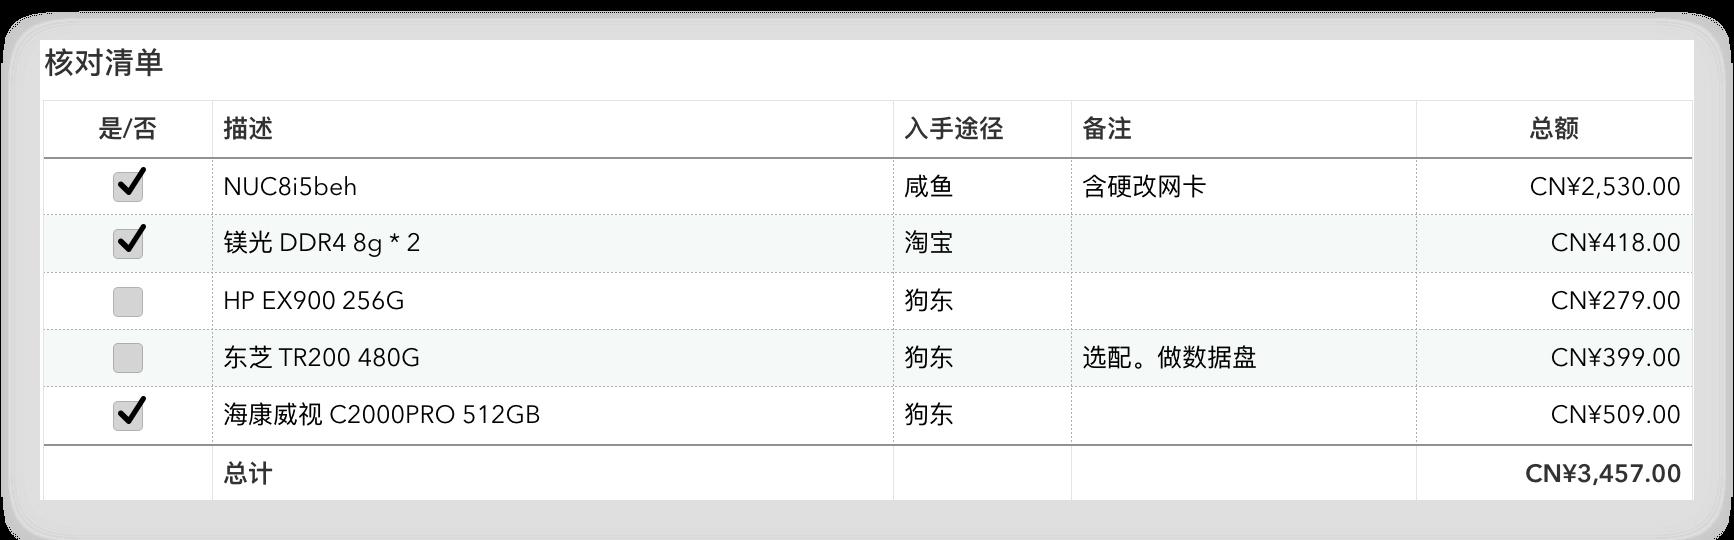 NUC8I5 配置